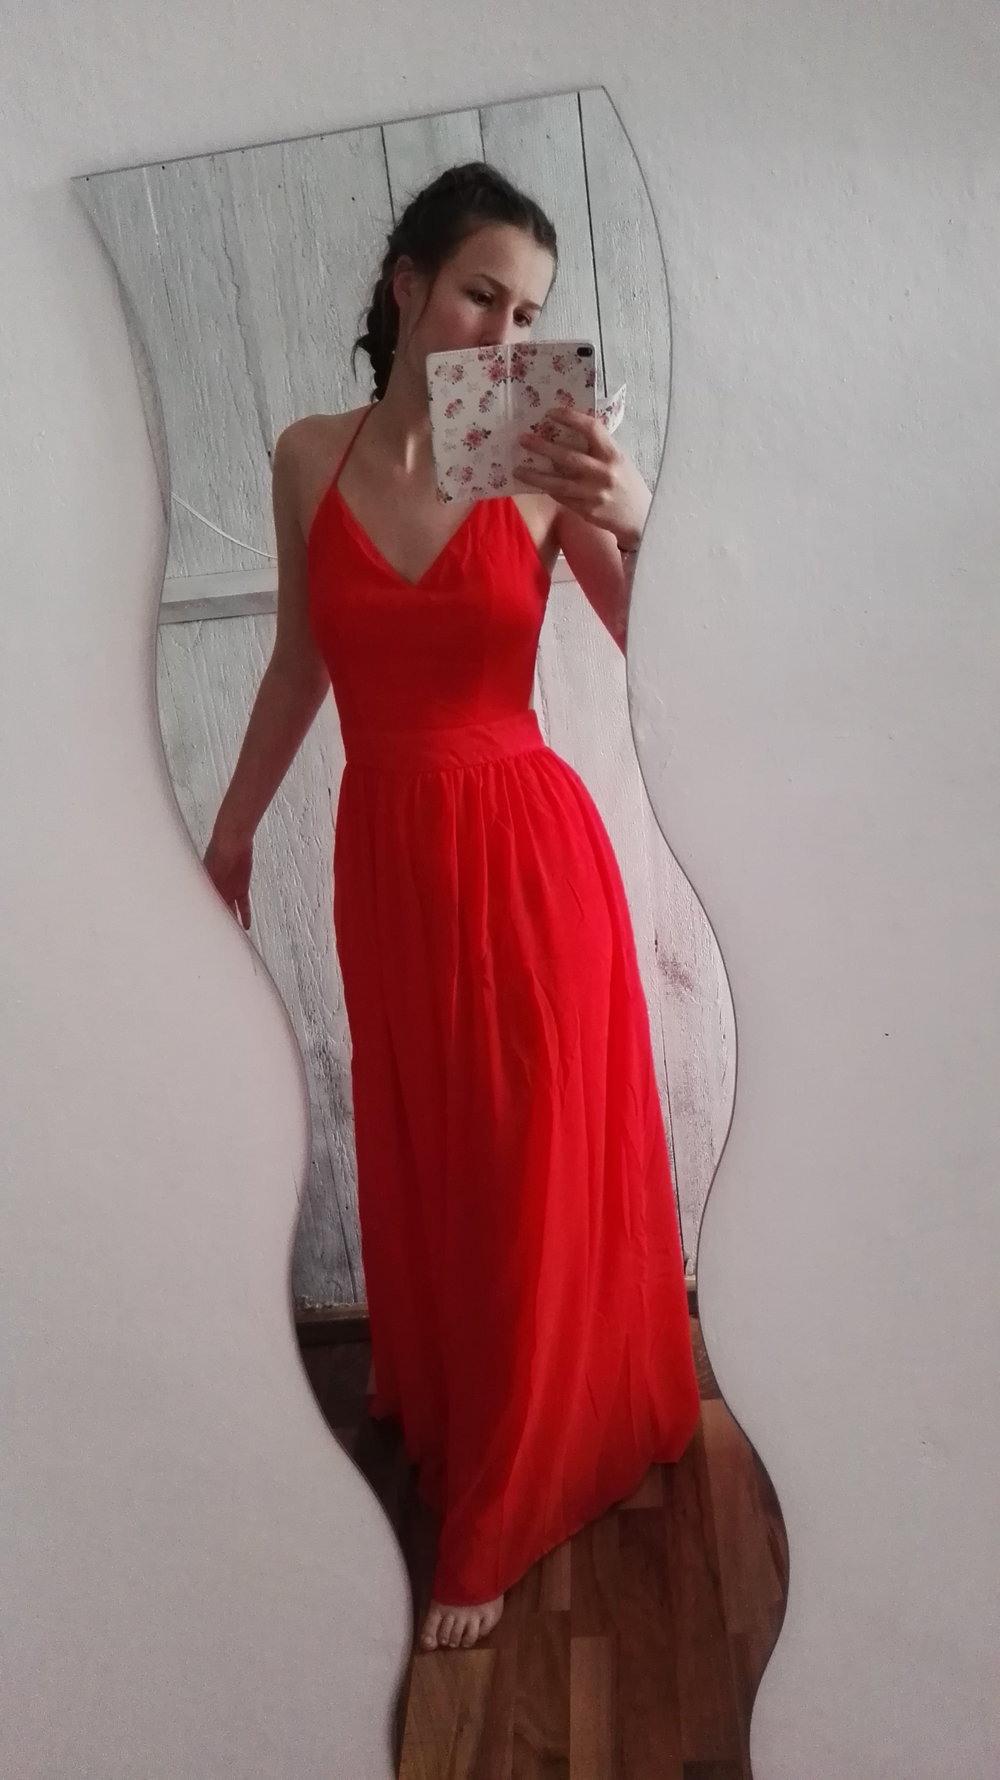 Schön Rote Abend Kleid ÄrmelFormal Leicht Rote Abend Kleid Boutique